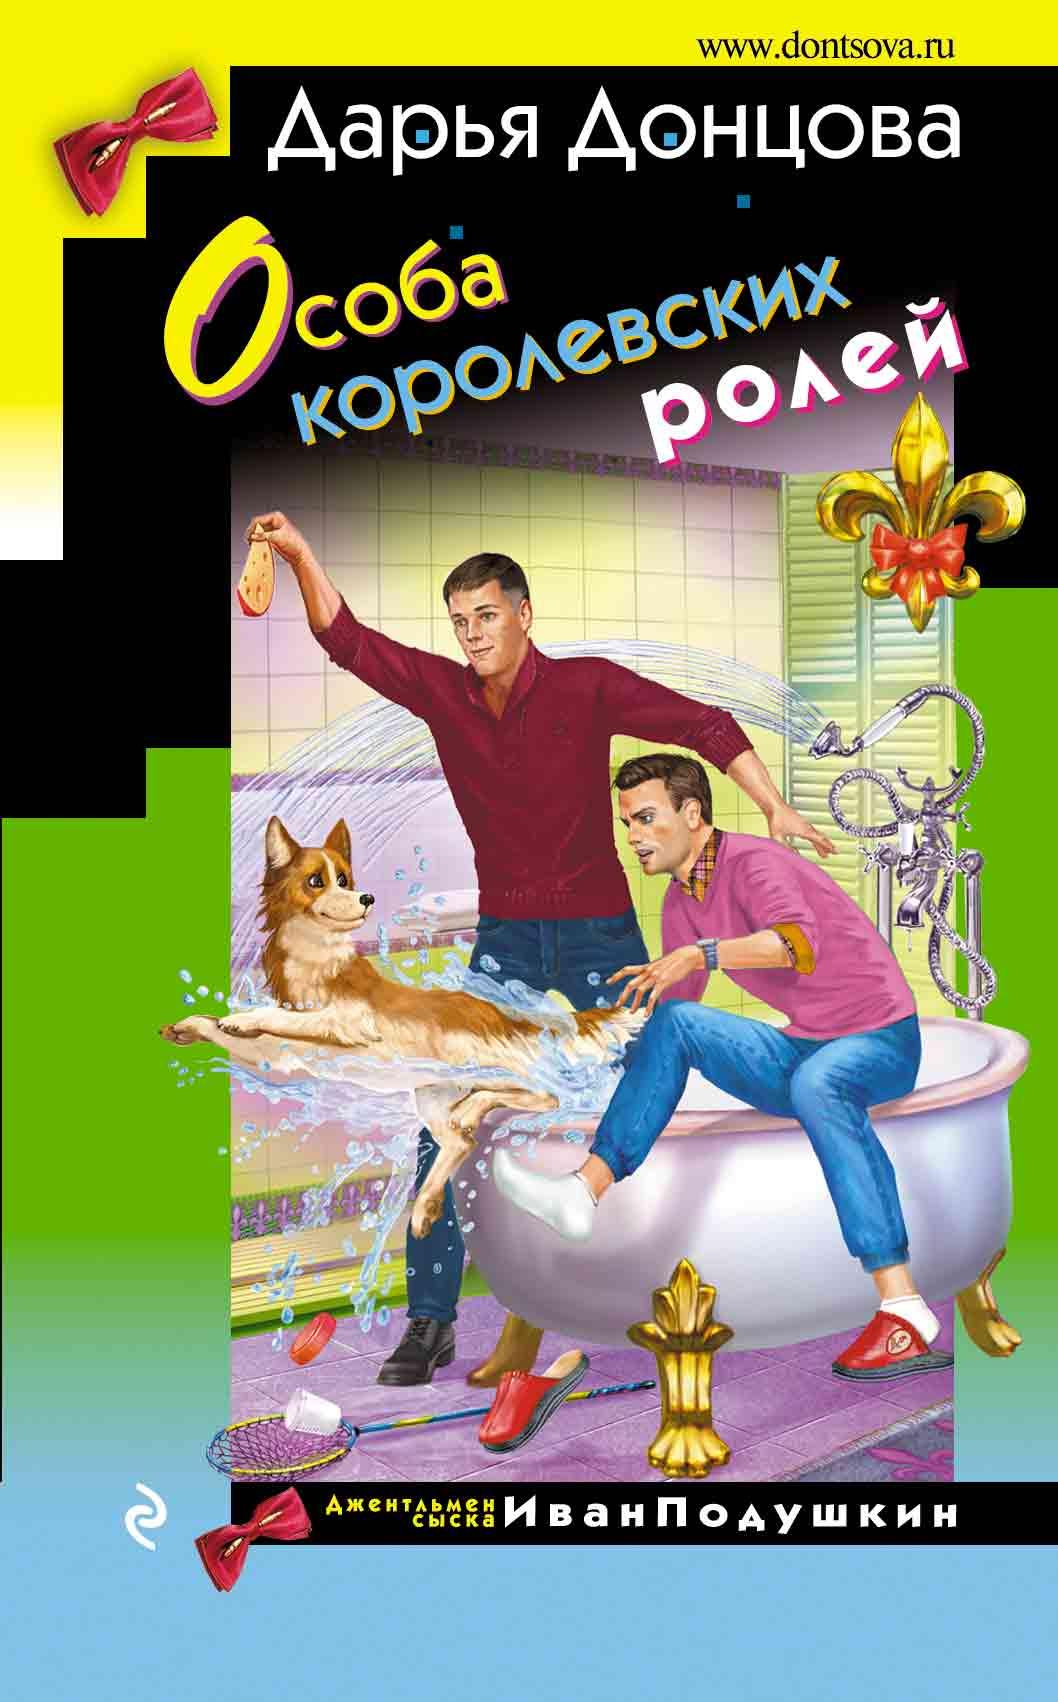 Купить книгу Особа королевских ролей, автора Дарьи Донцовой